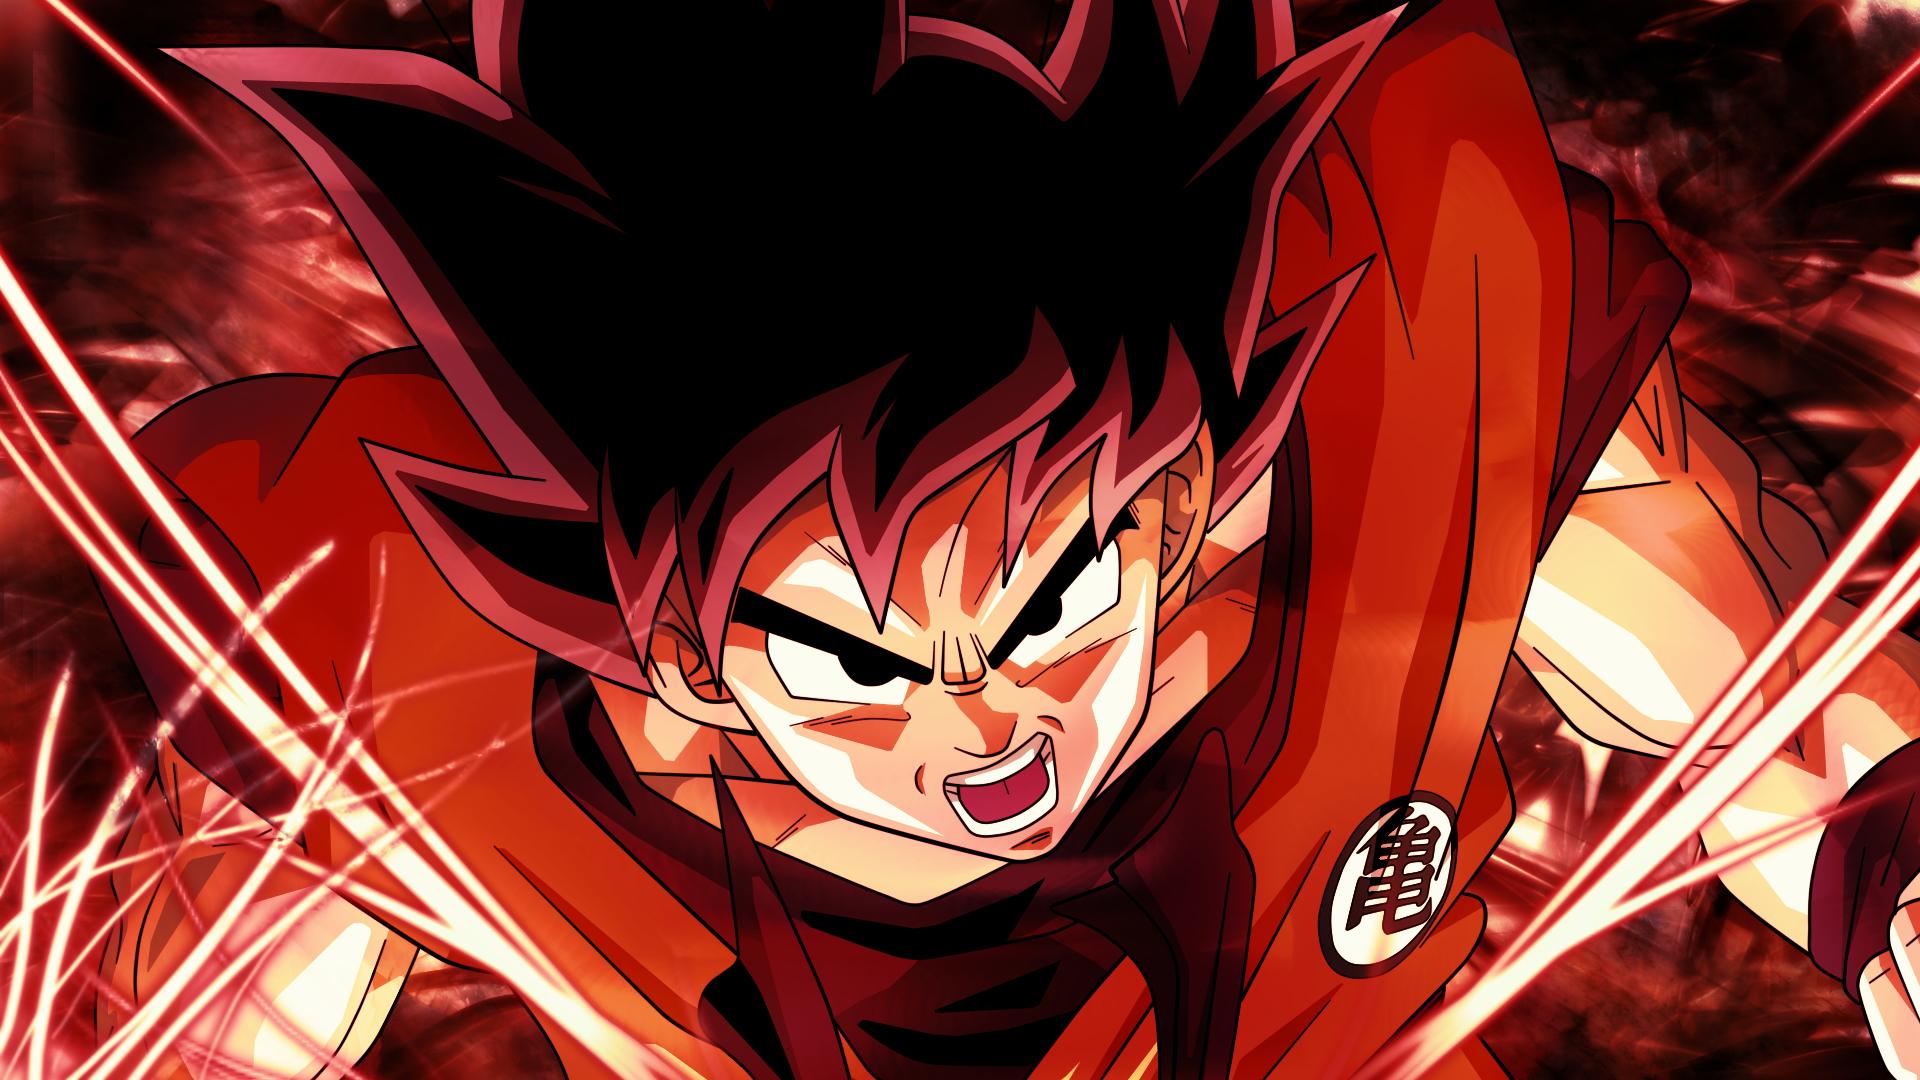 77 Goku Backgrounds On Wallpapersafari